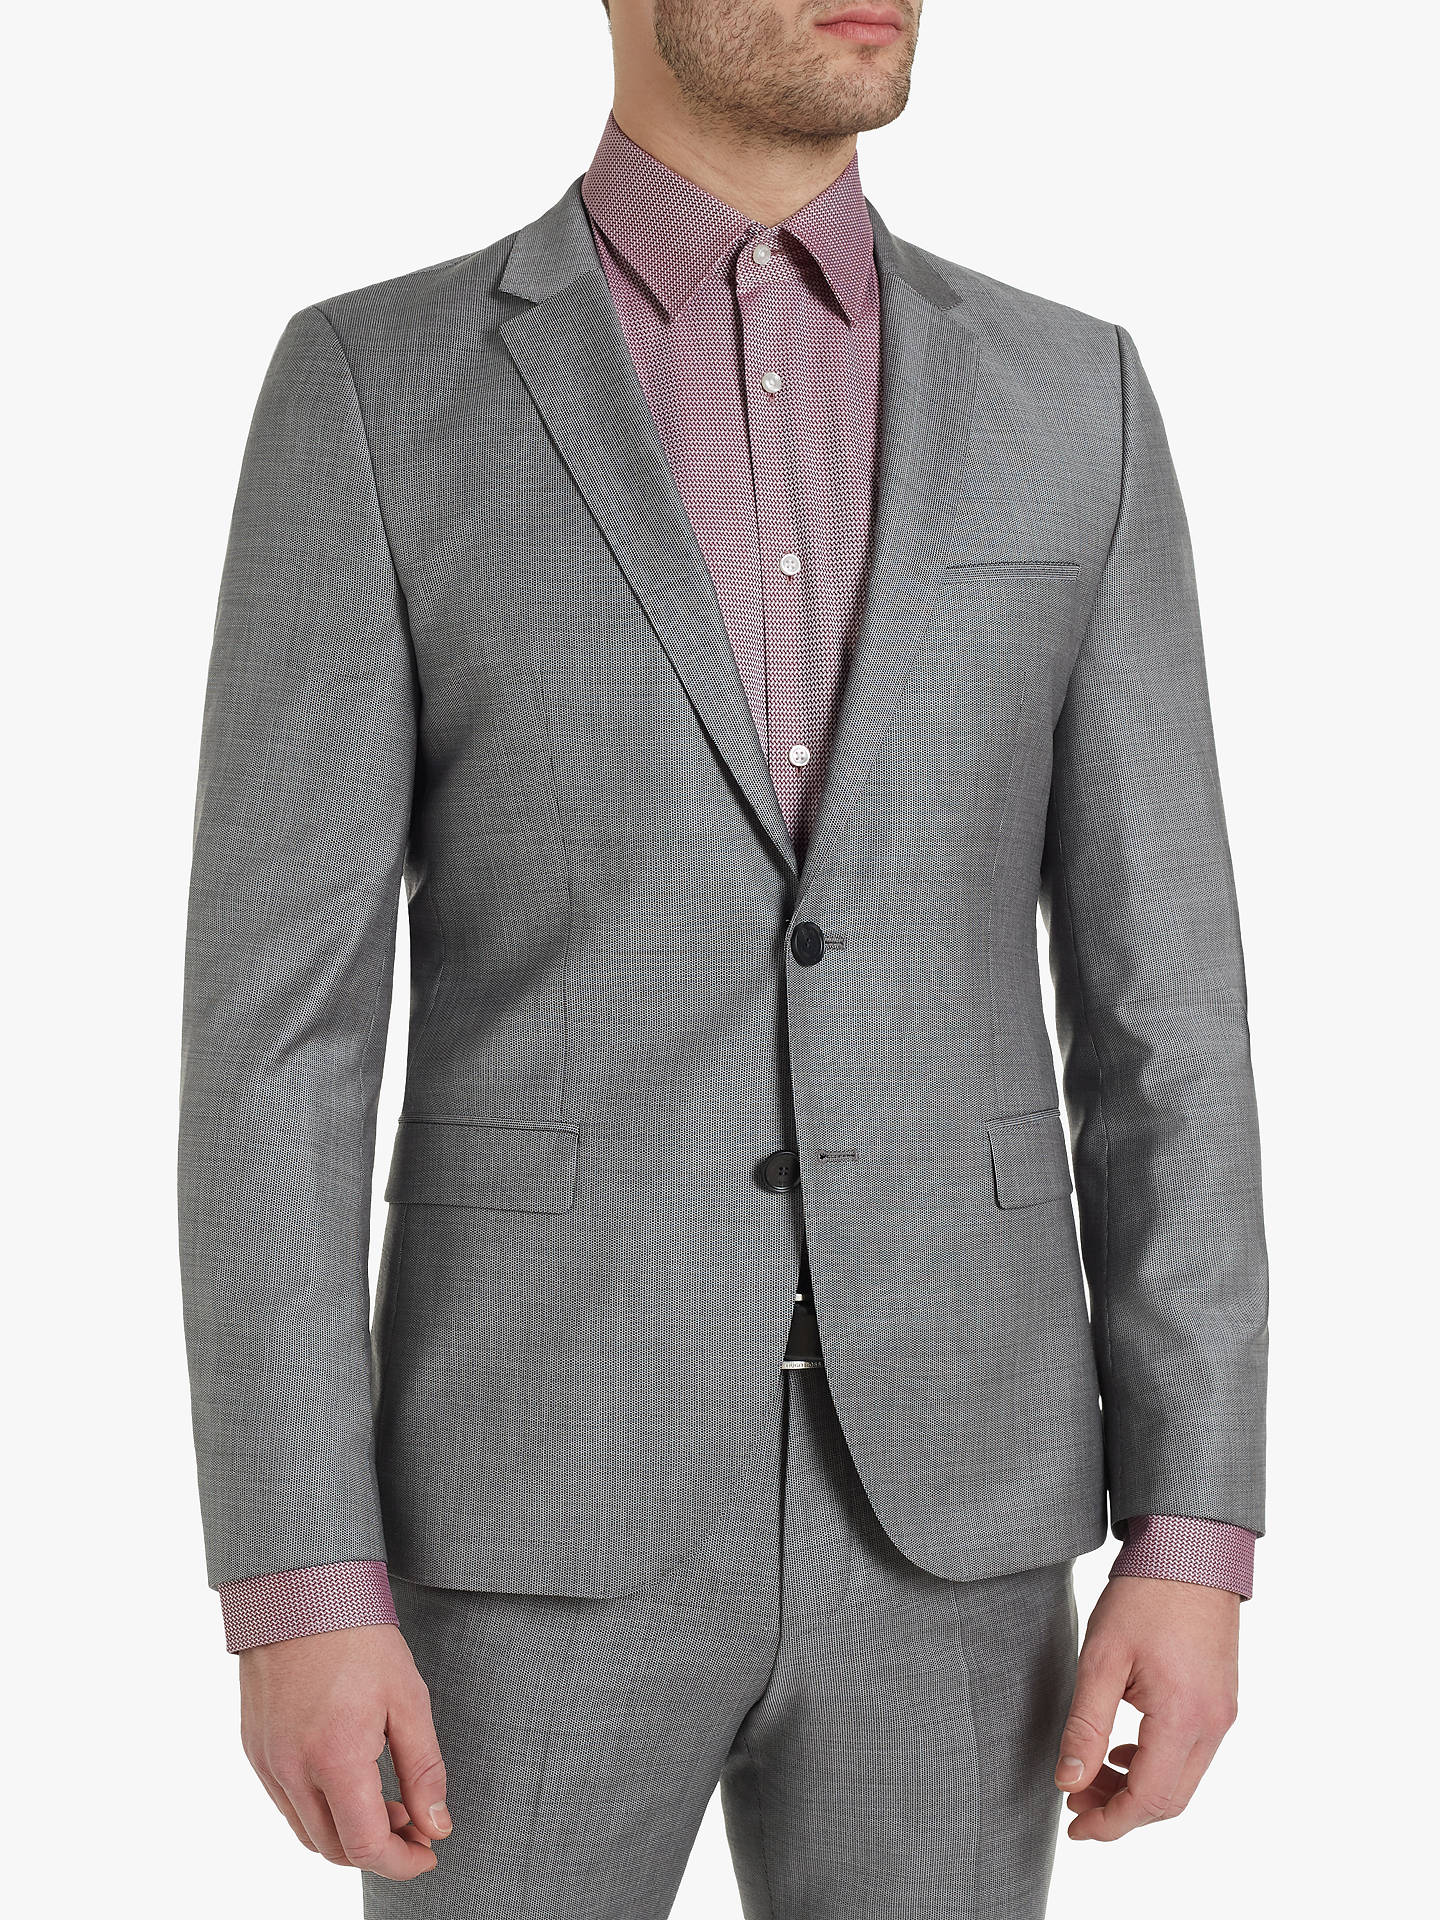 cae8593d Buy HUGO by Hugo Boss Arti182 Birdseye Wool Super Slim Suit Jacket, Grey,  36R ...